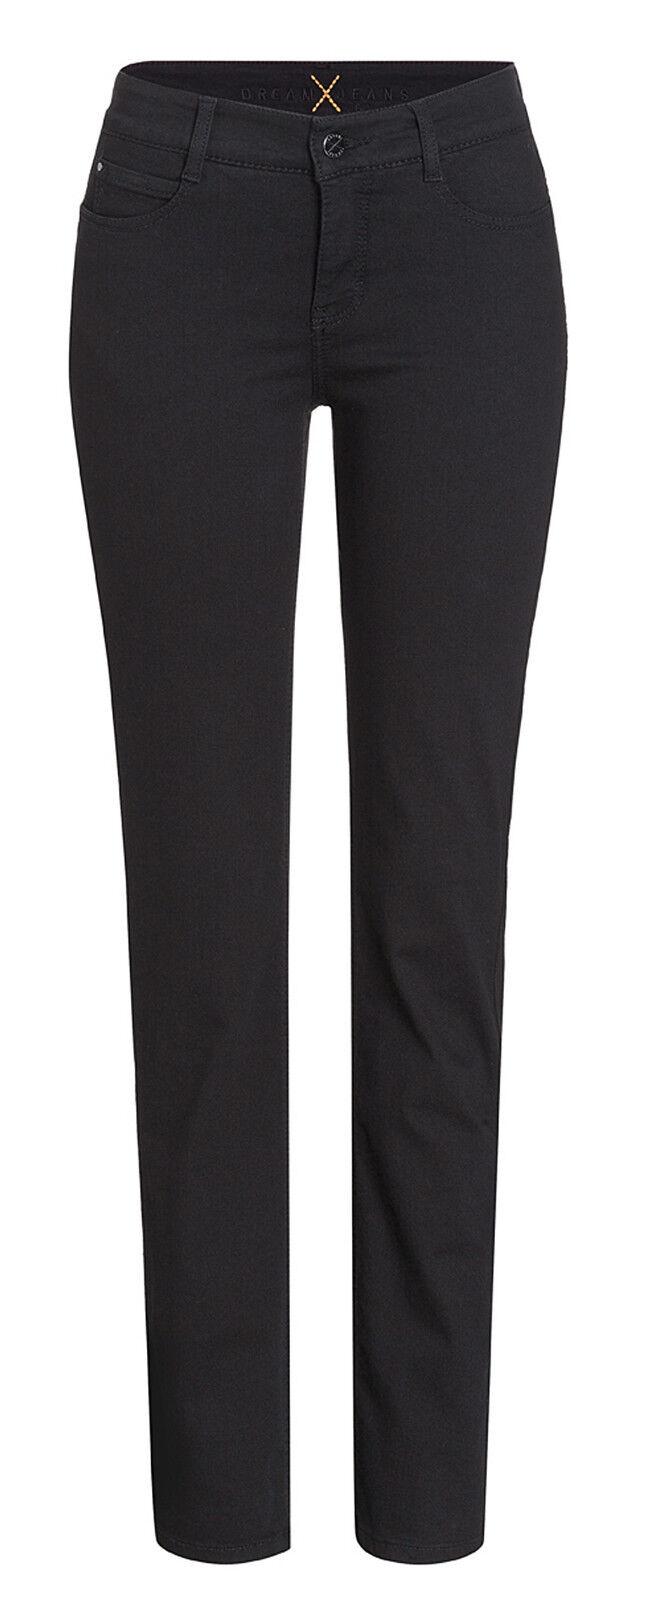 MAC Damen Jeans Dream 5401 NEU schwarz D999 Alle Größen Längen